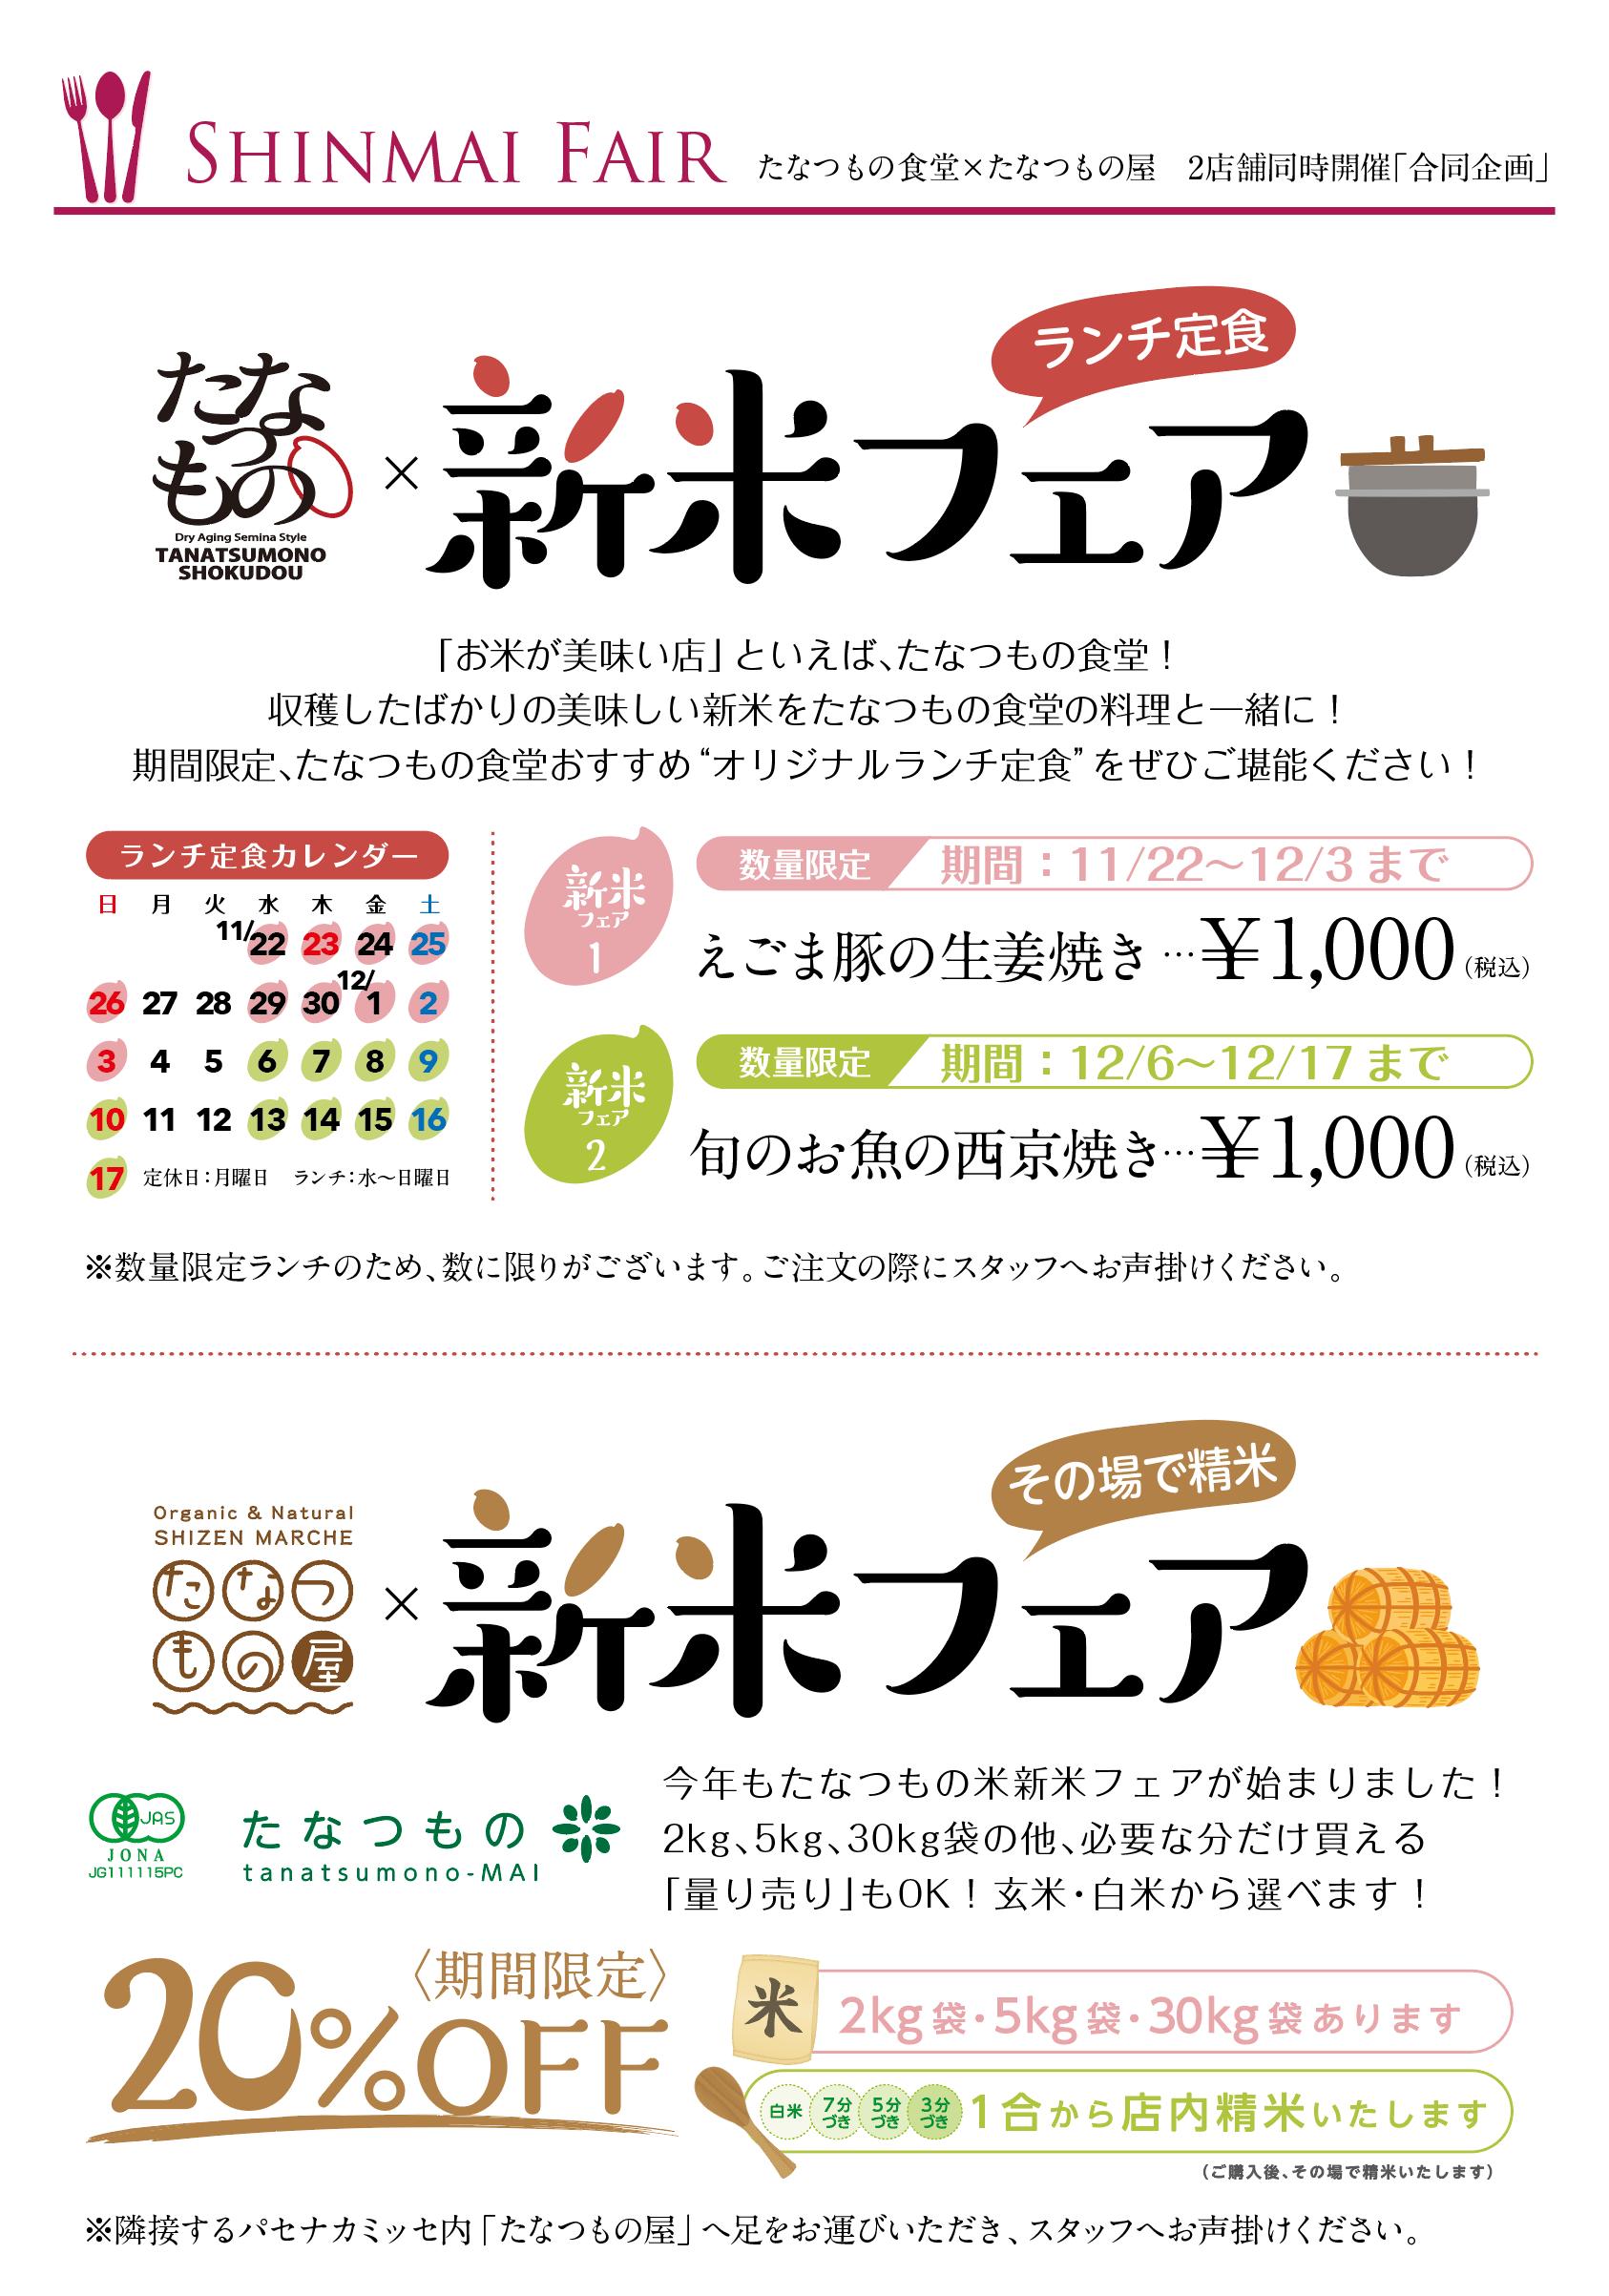 shokudou_shinmaifair2017